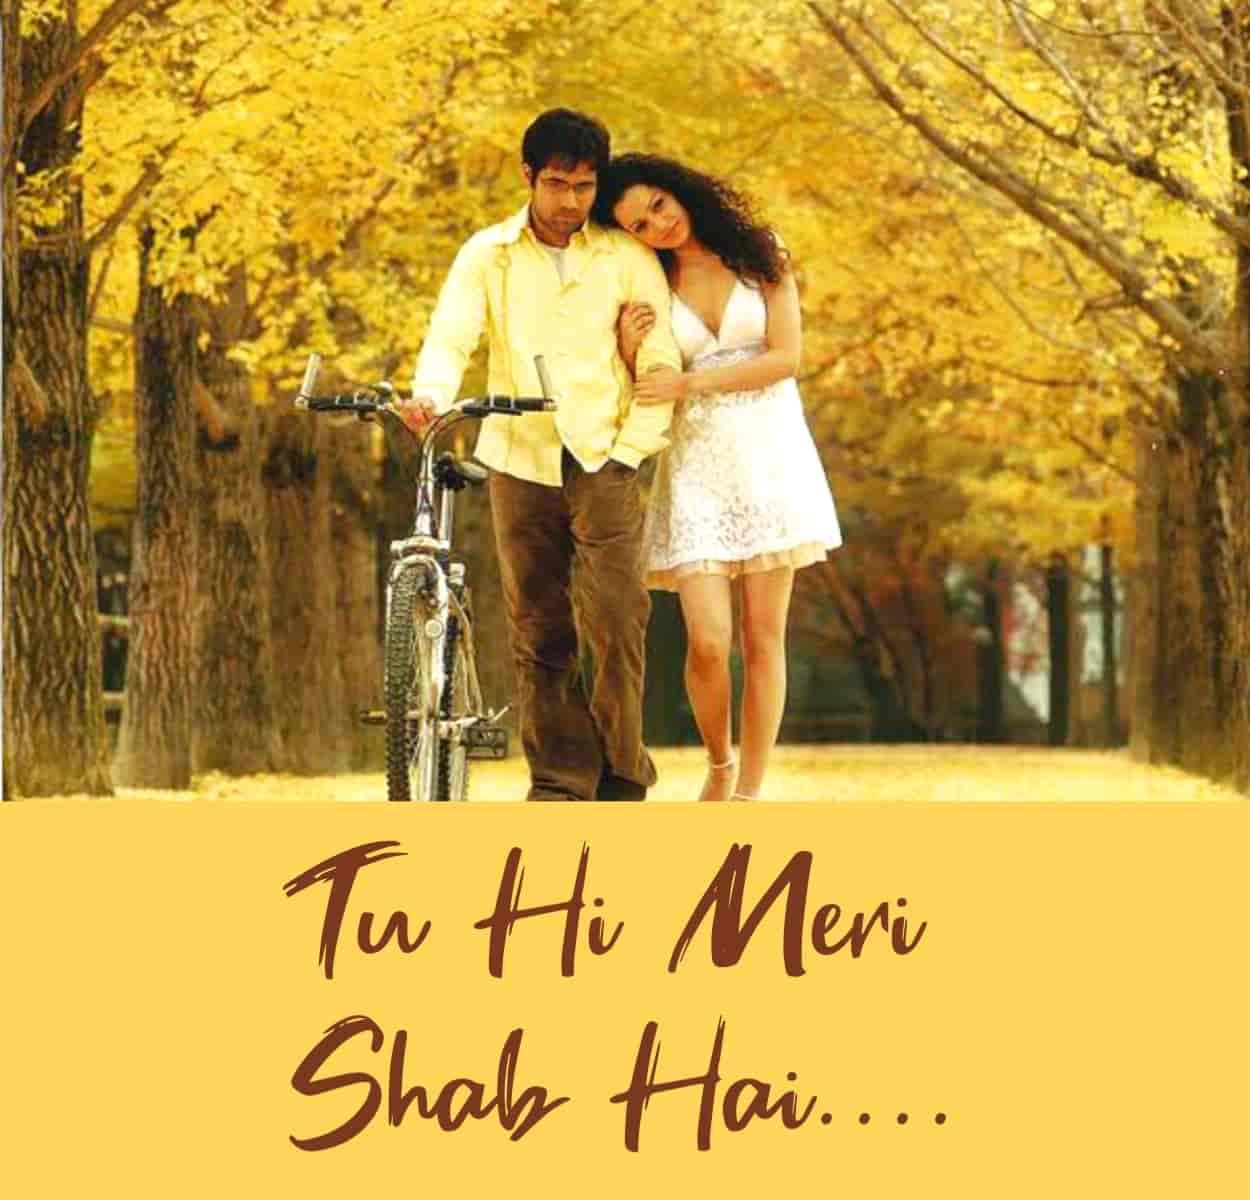 Tu hi meri shab hai Hindi Love Song Lyrics, Sung By K.K.